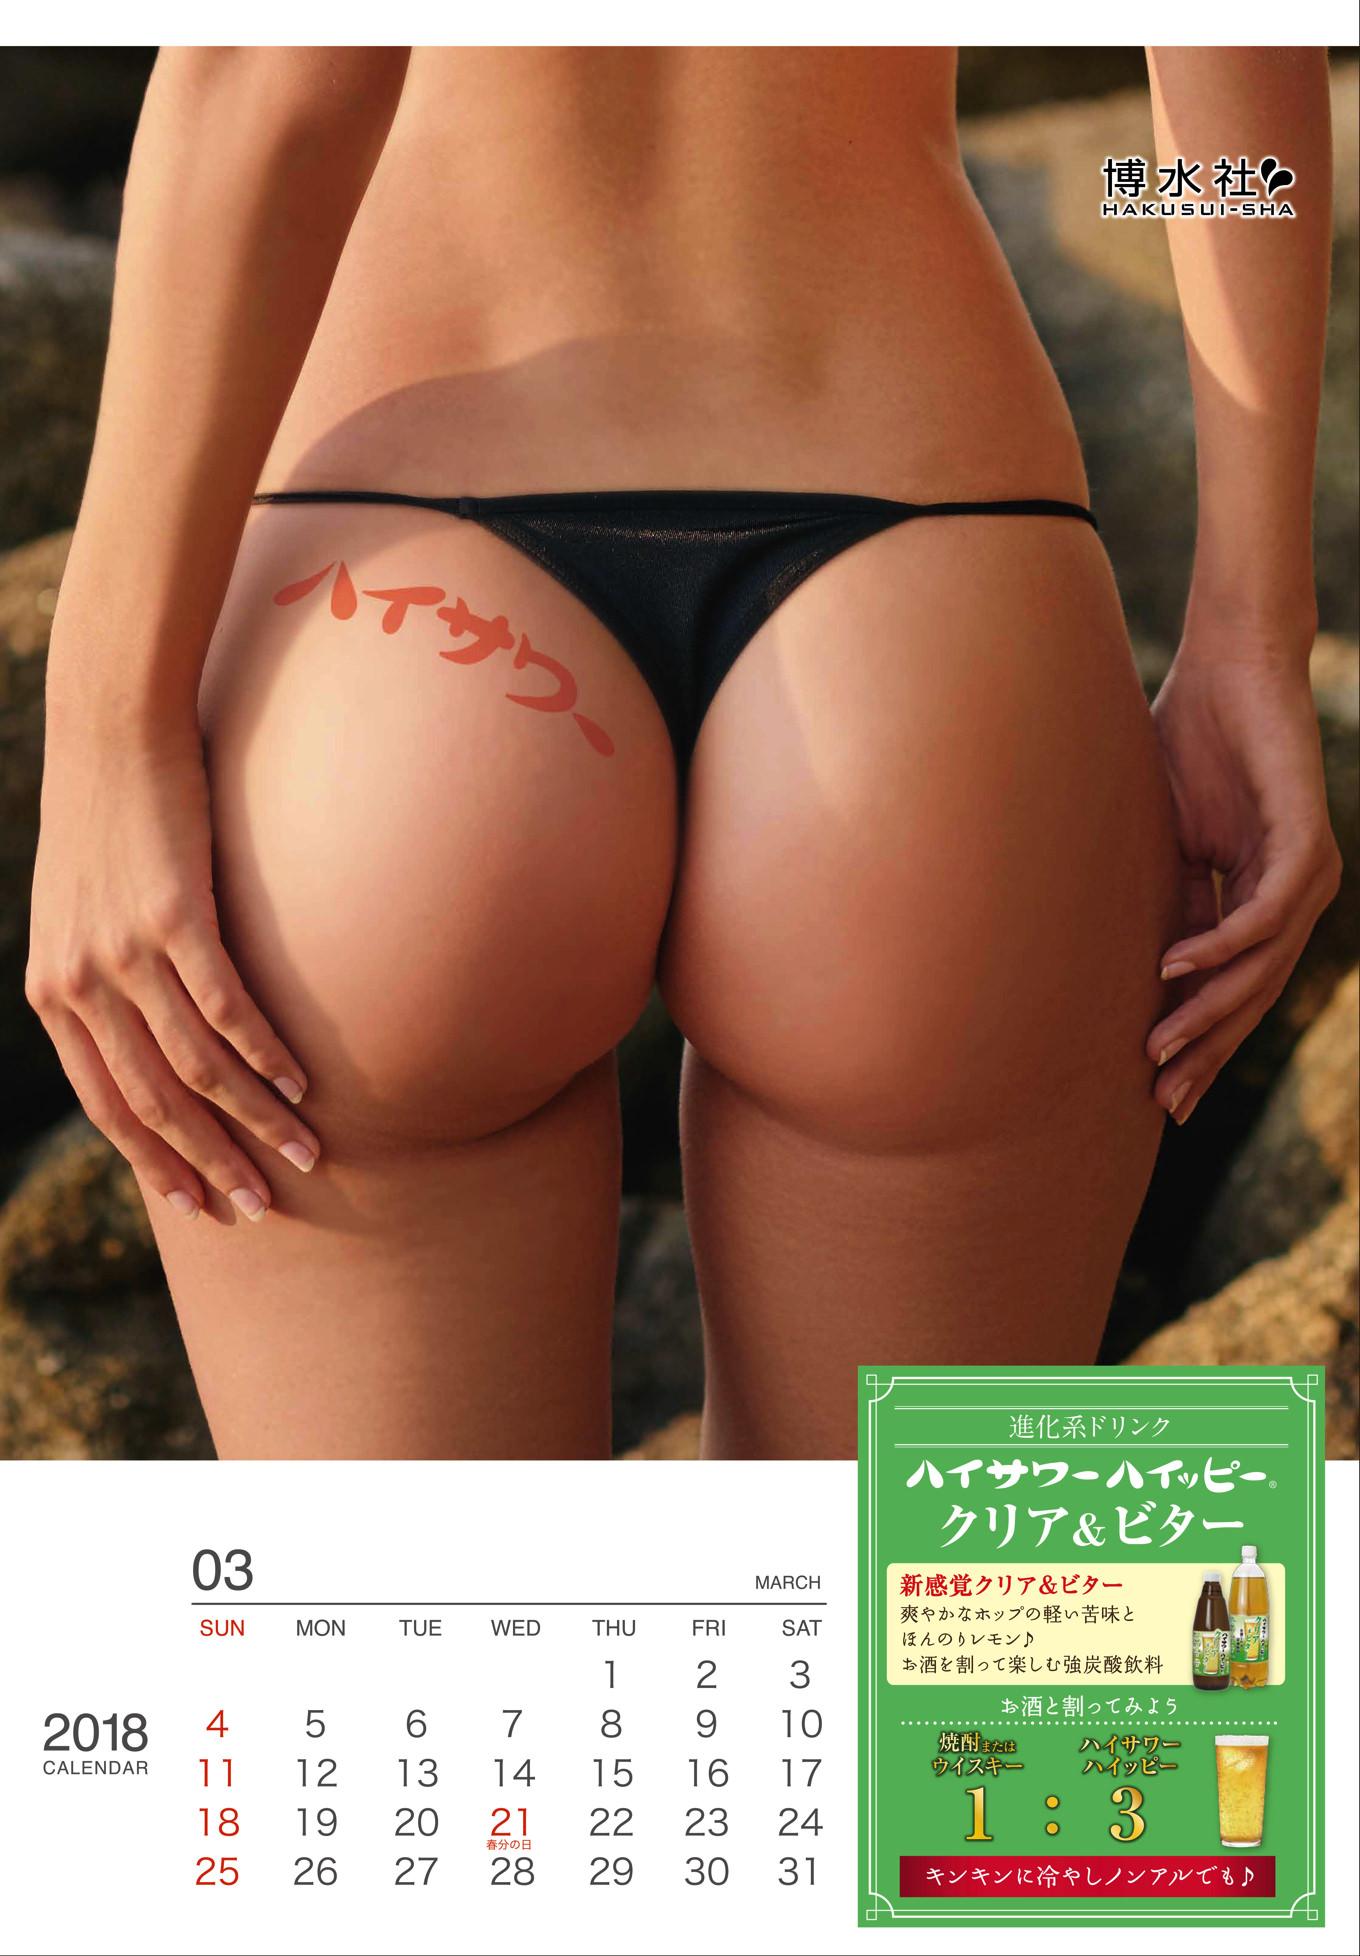 【3月】美尻カレンダー2018_13枚版